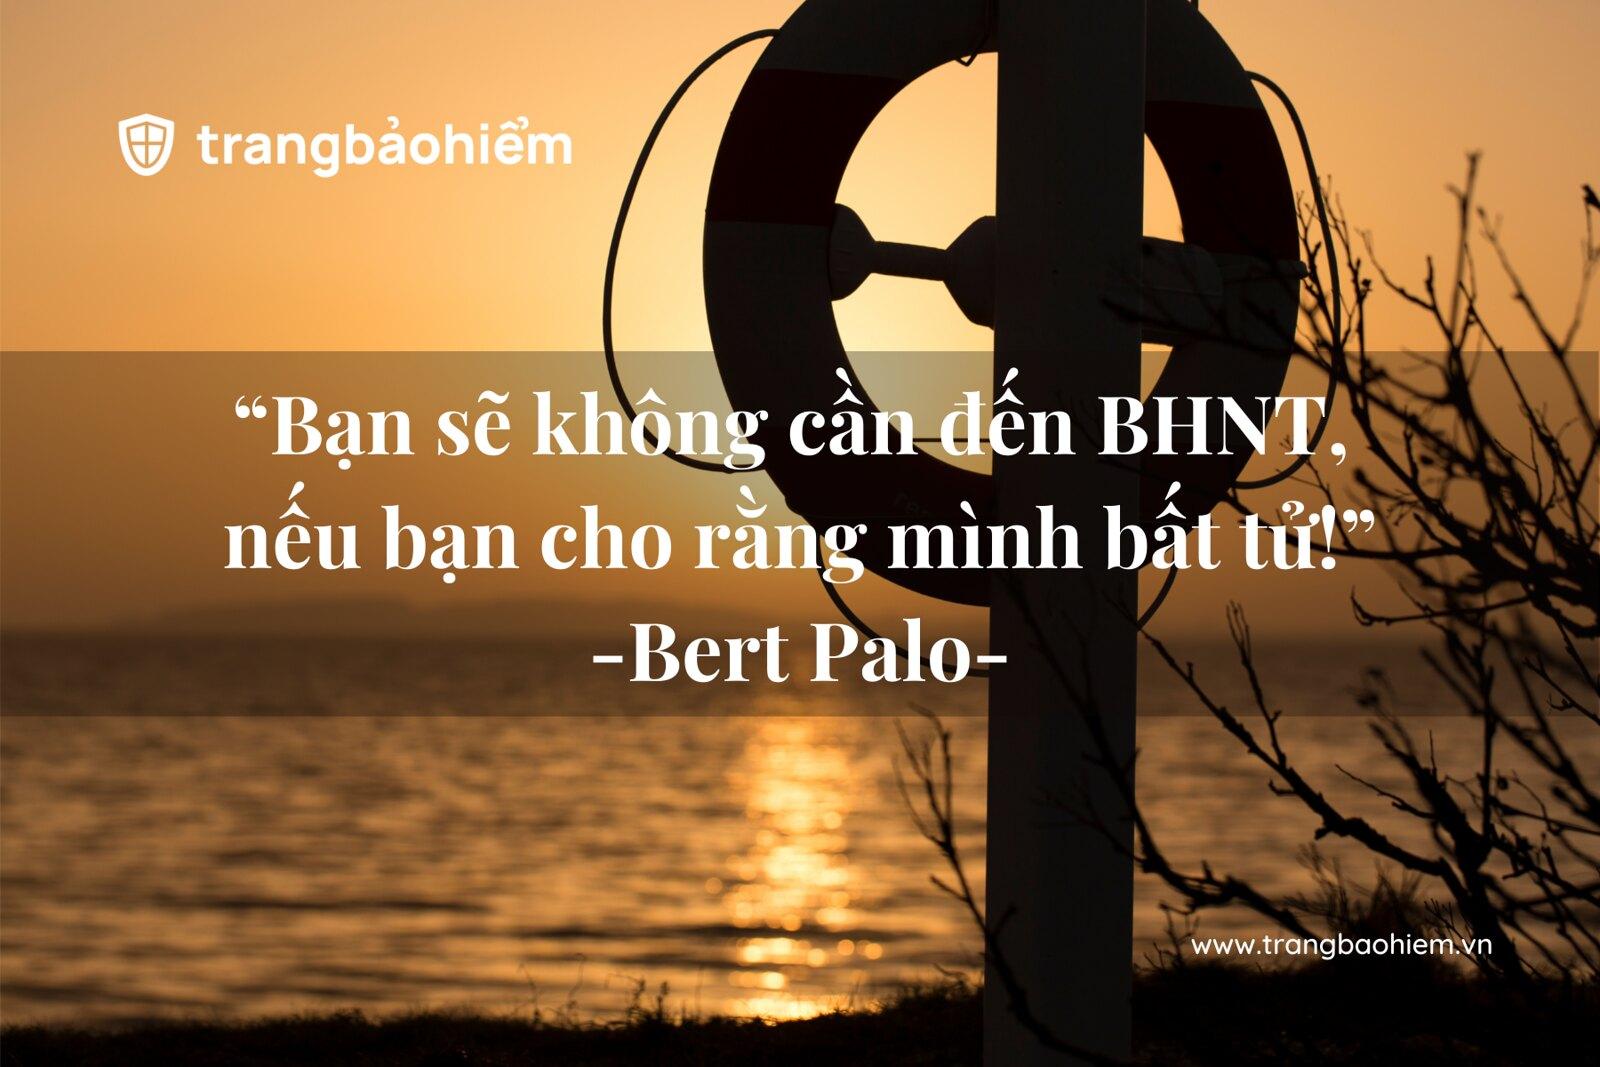 Bert Palo - Bạn sẽ không cần đến BHNT nếu bạn cho rằng mình bất tử